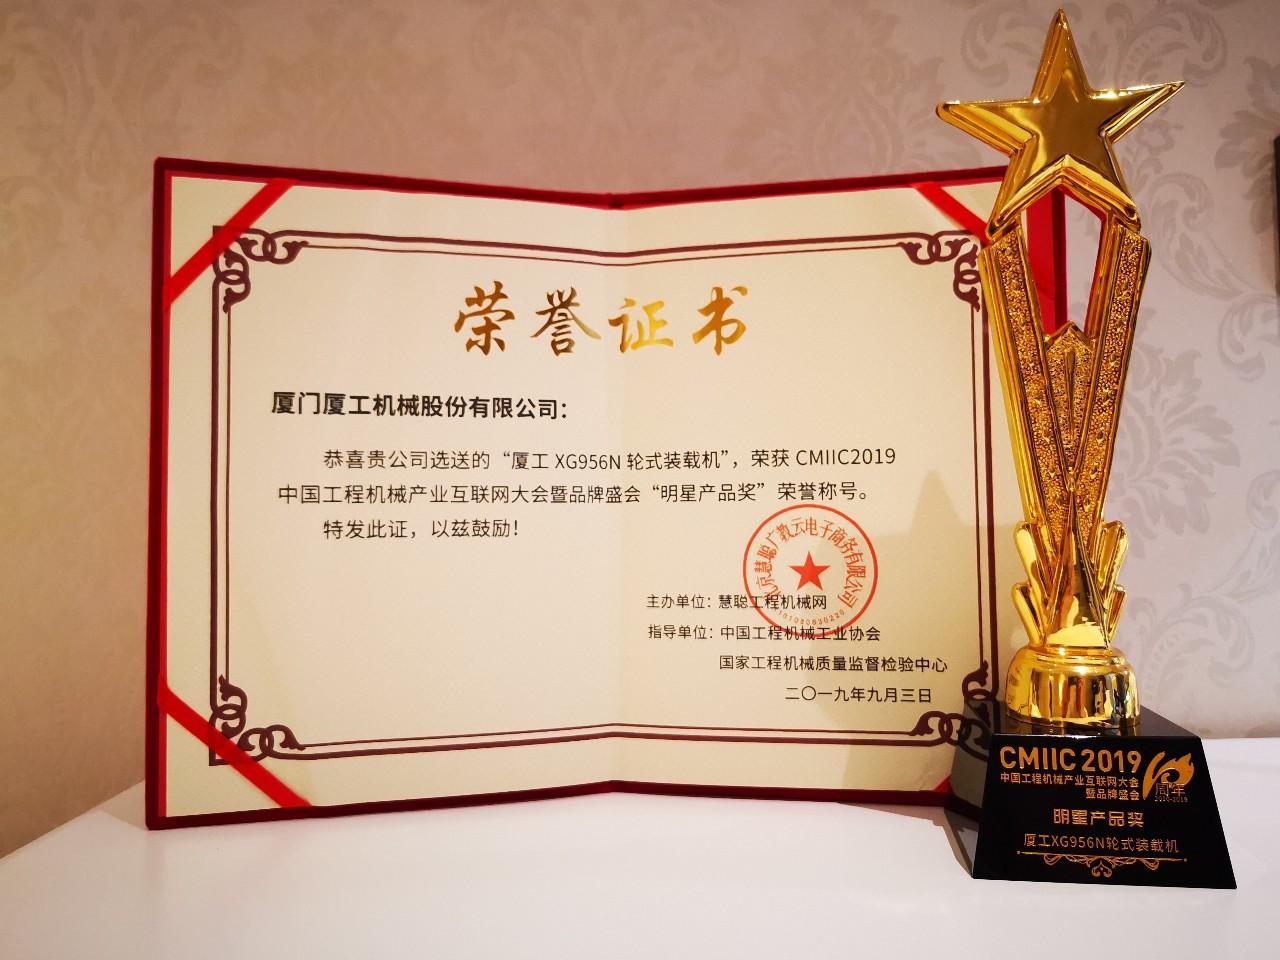 """厦工XG956N装载机喜获""""2019中国工程机械产业互联网大会明星产品奖"""""""